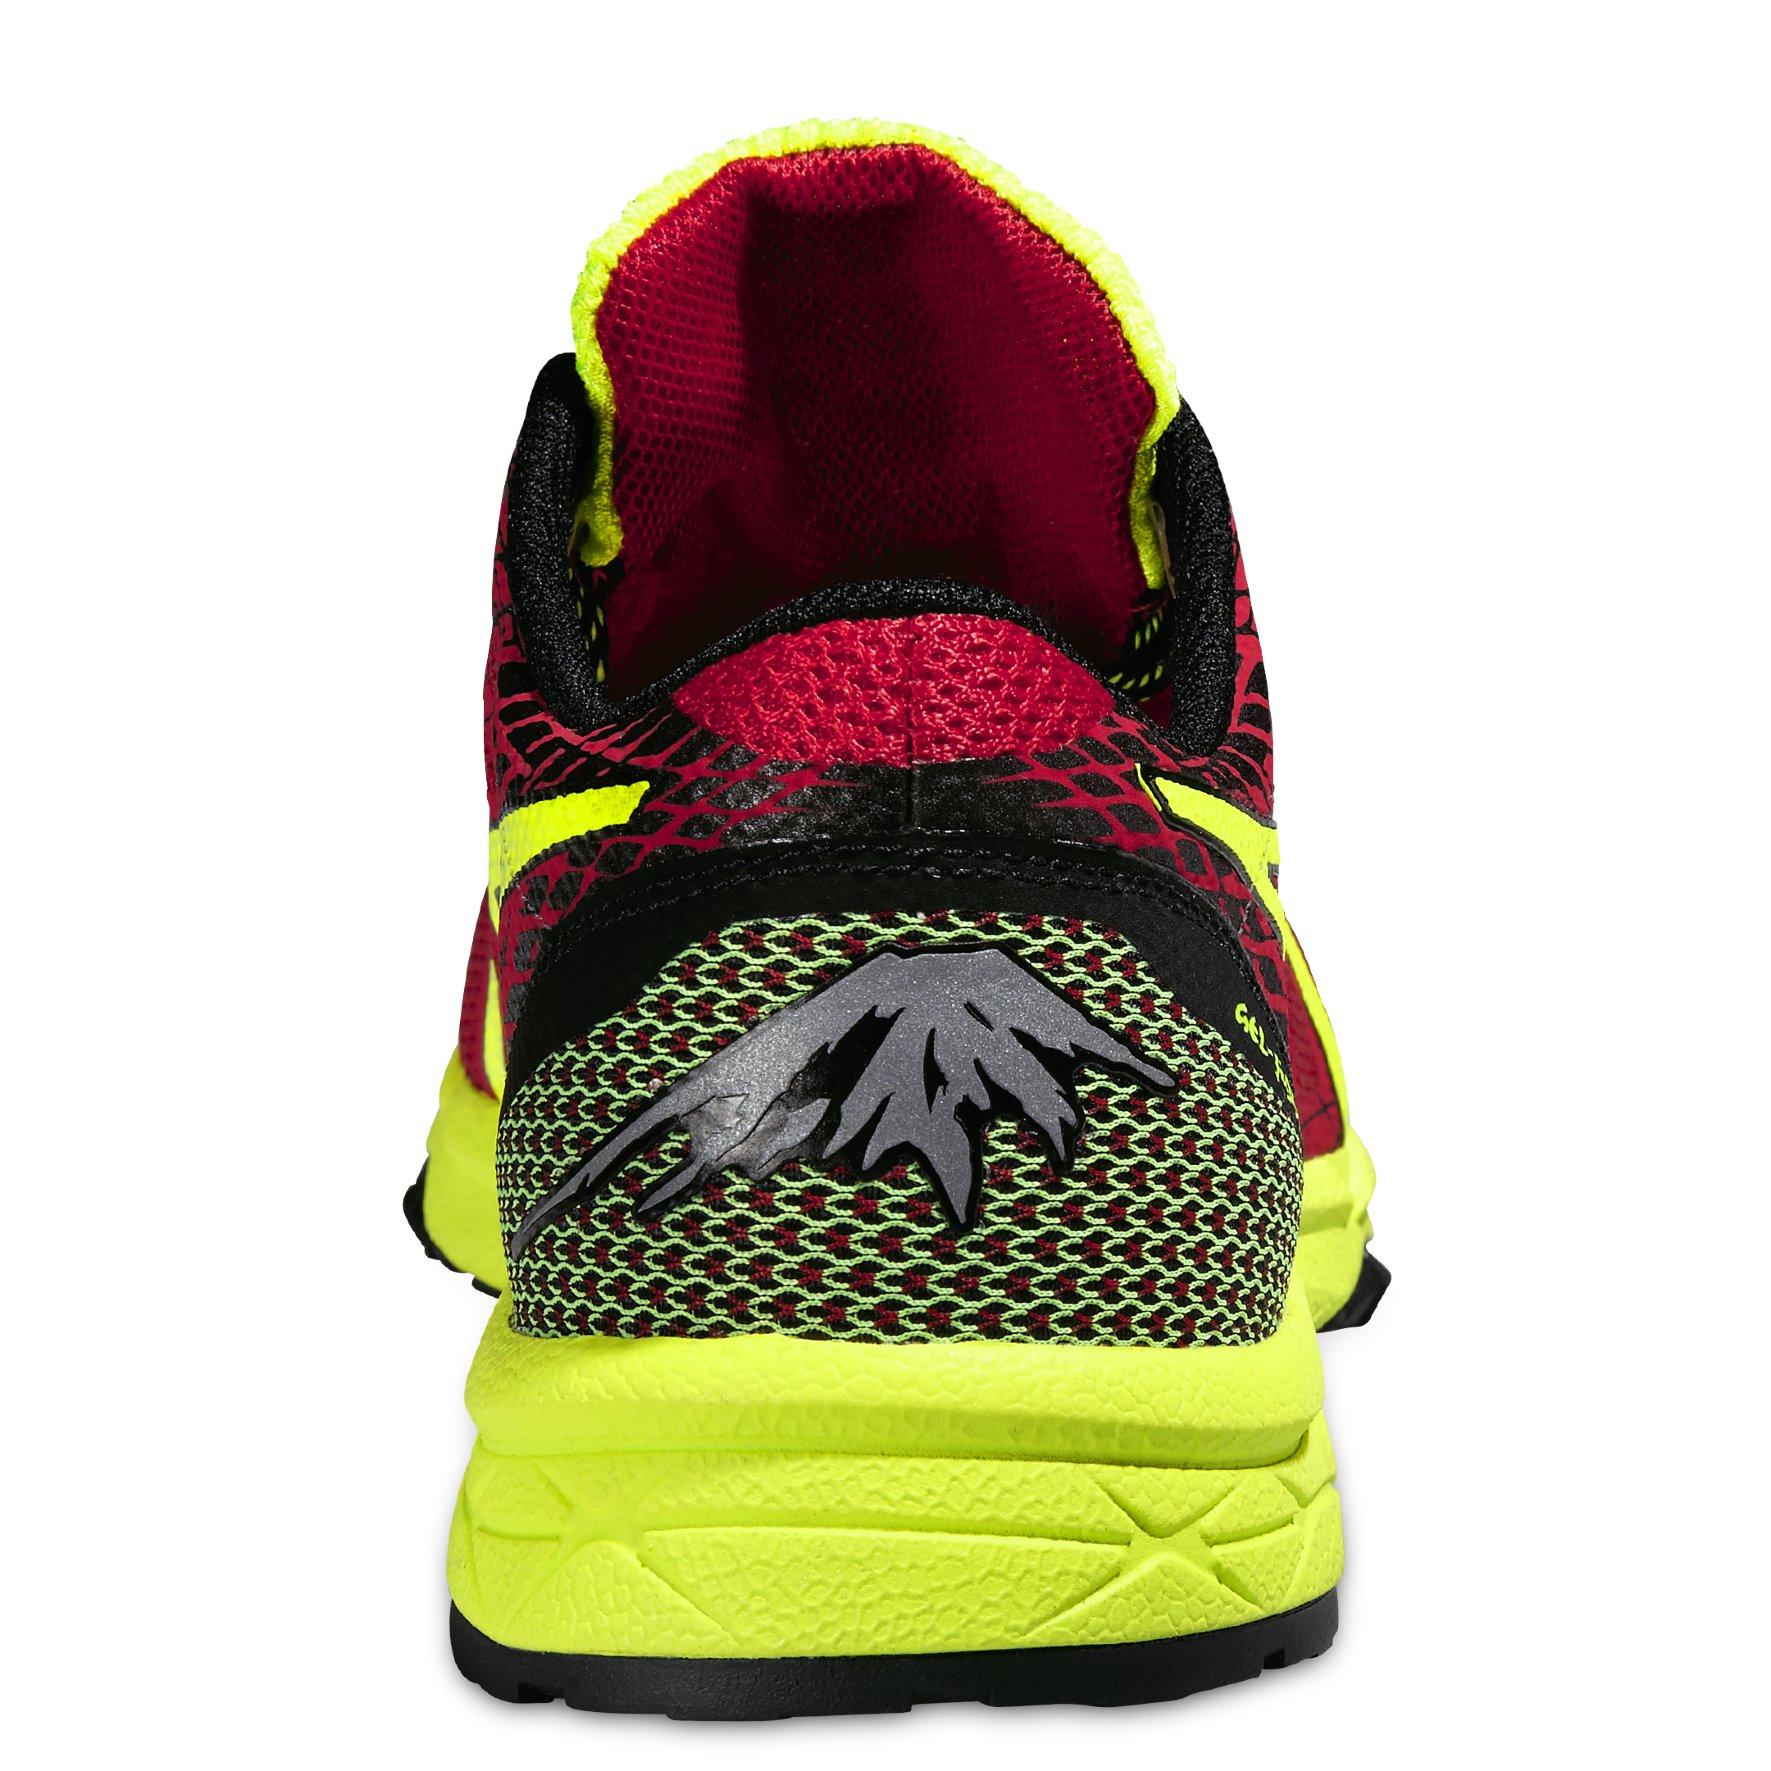 Купить кроссовки Asics Gel-FujiLyte   Интернет-магазин Лаборатория бега 1fff3dd5799